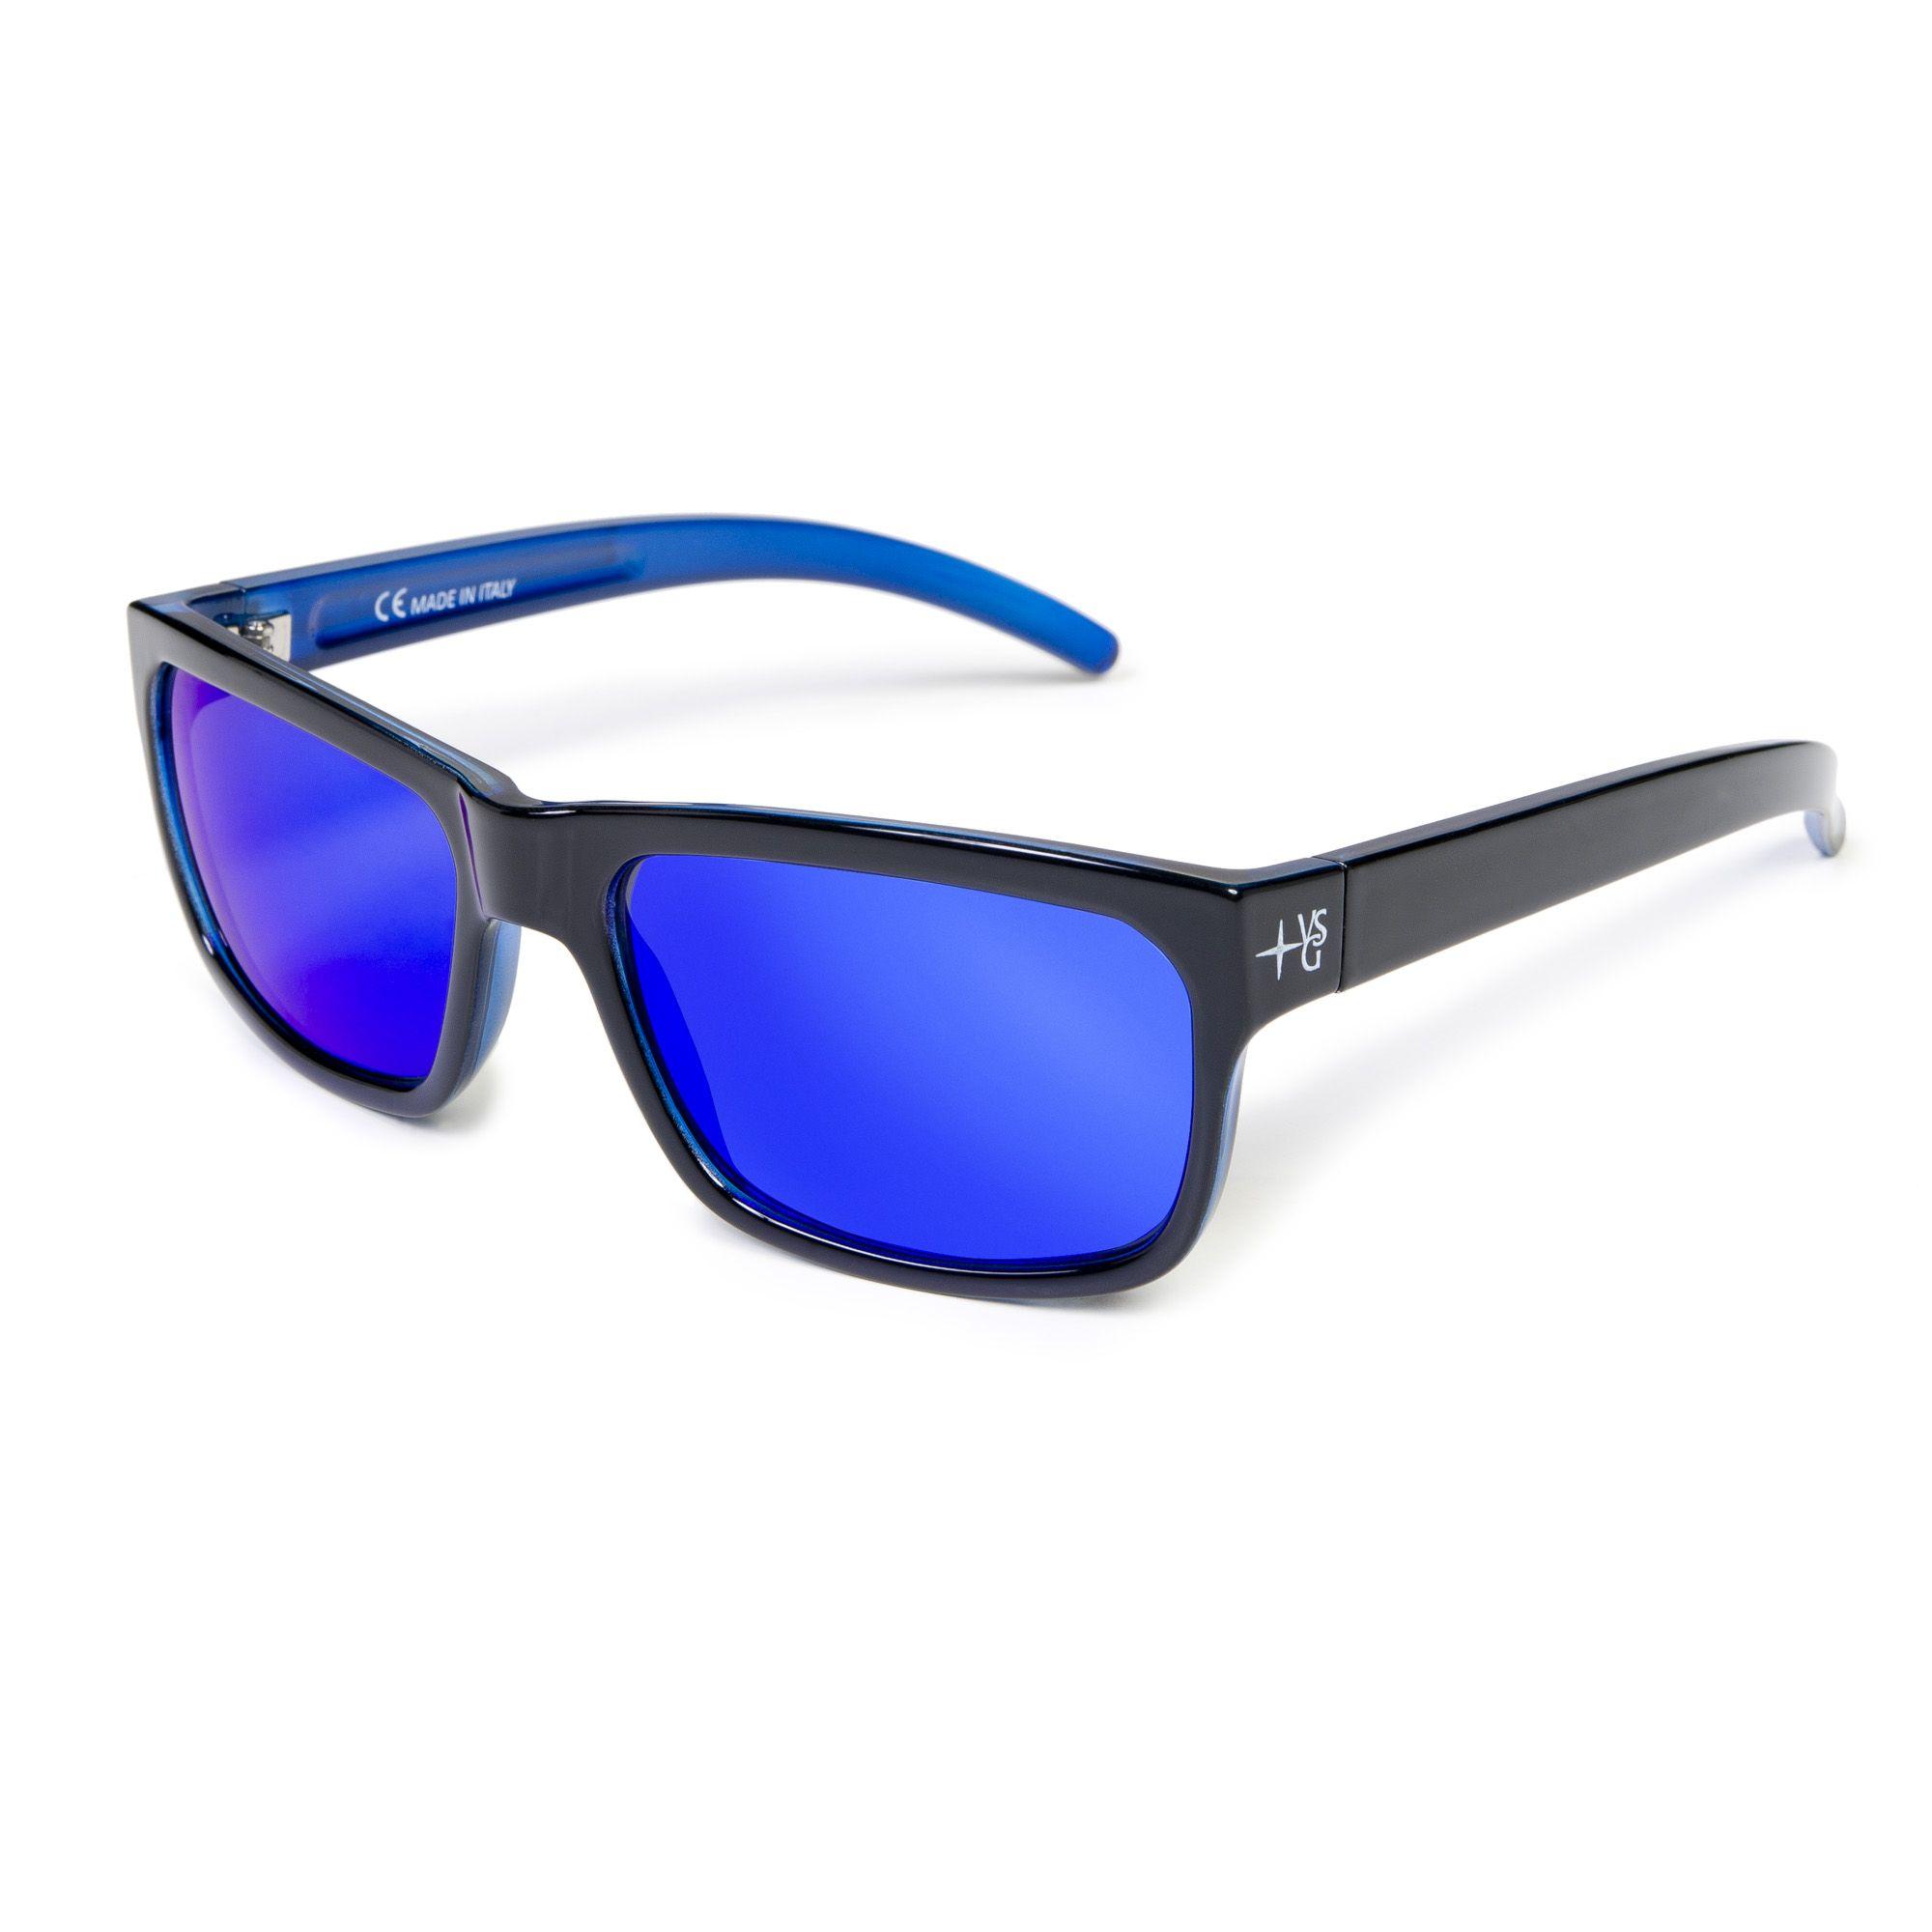 Veleria san giorgio occhiali da sole con lenti a specchio e astine colorate qvc italia - Occhiali con lenti a specchio colorate ...